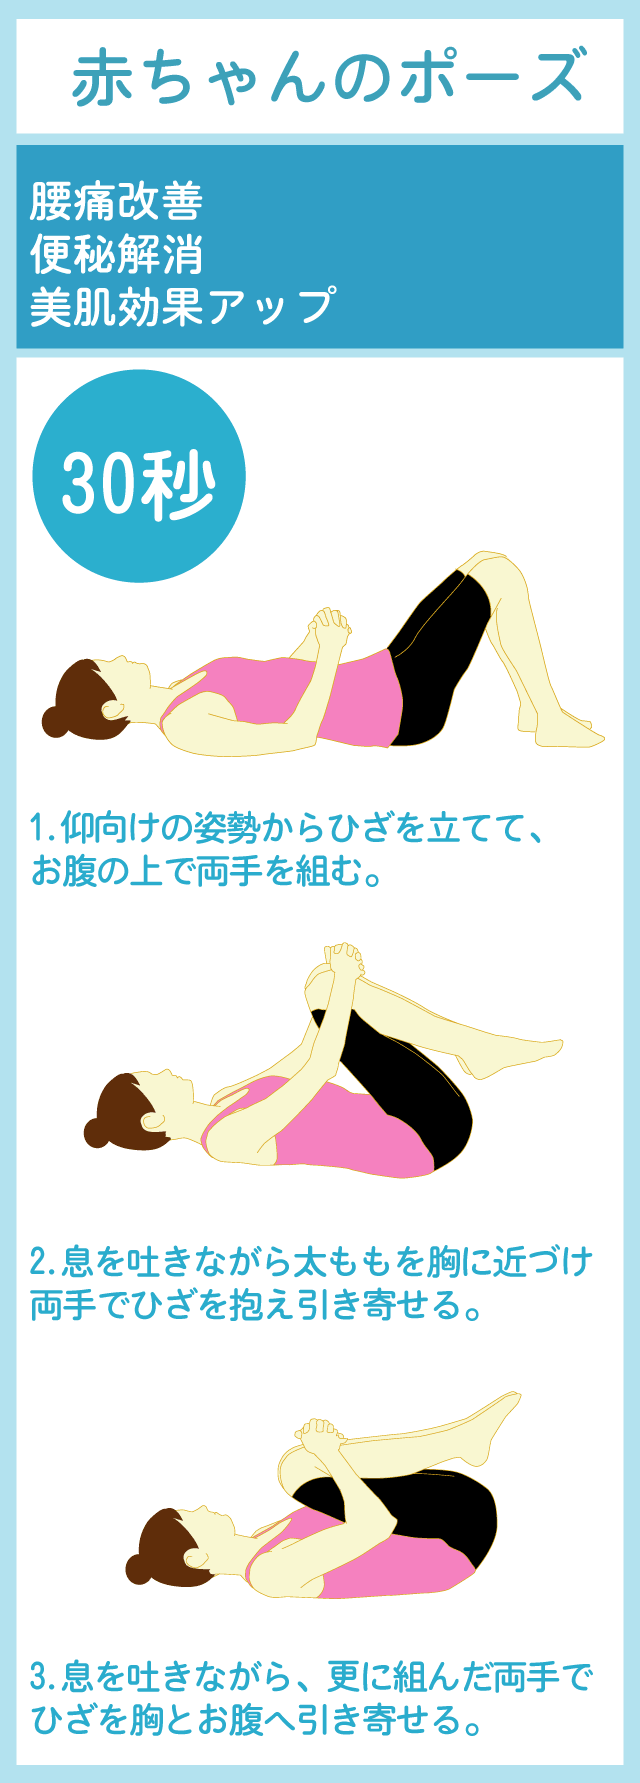 赤ちゃんのヨガポーズで産後ダイエット